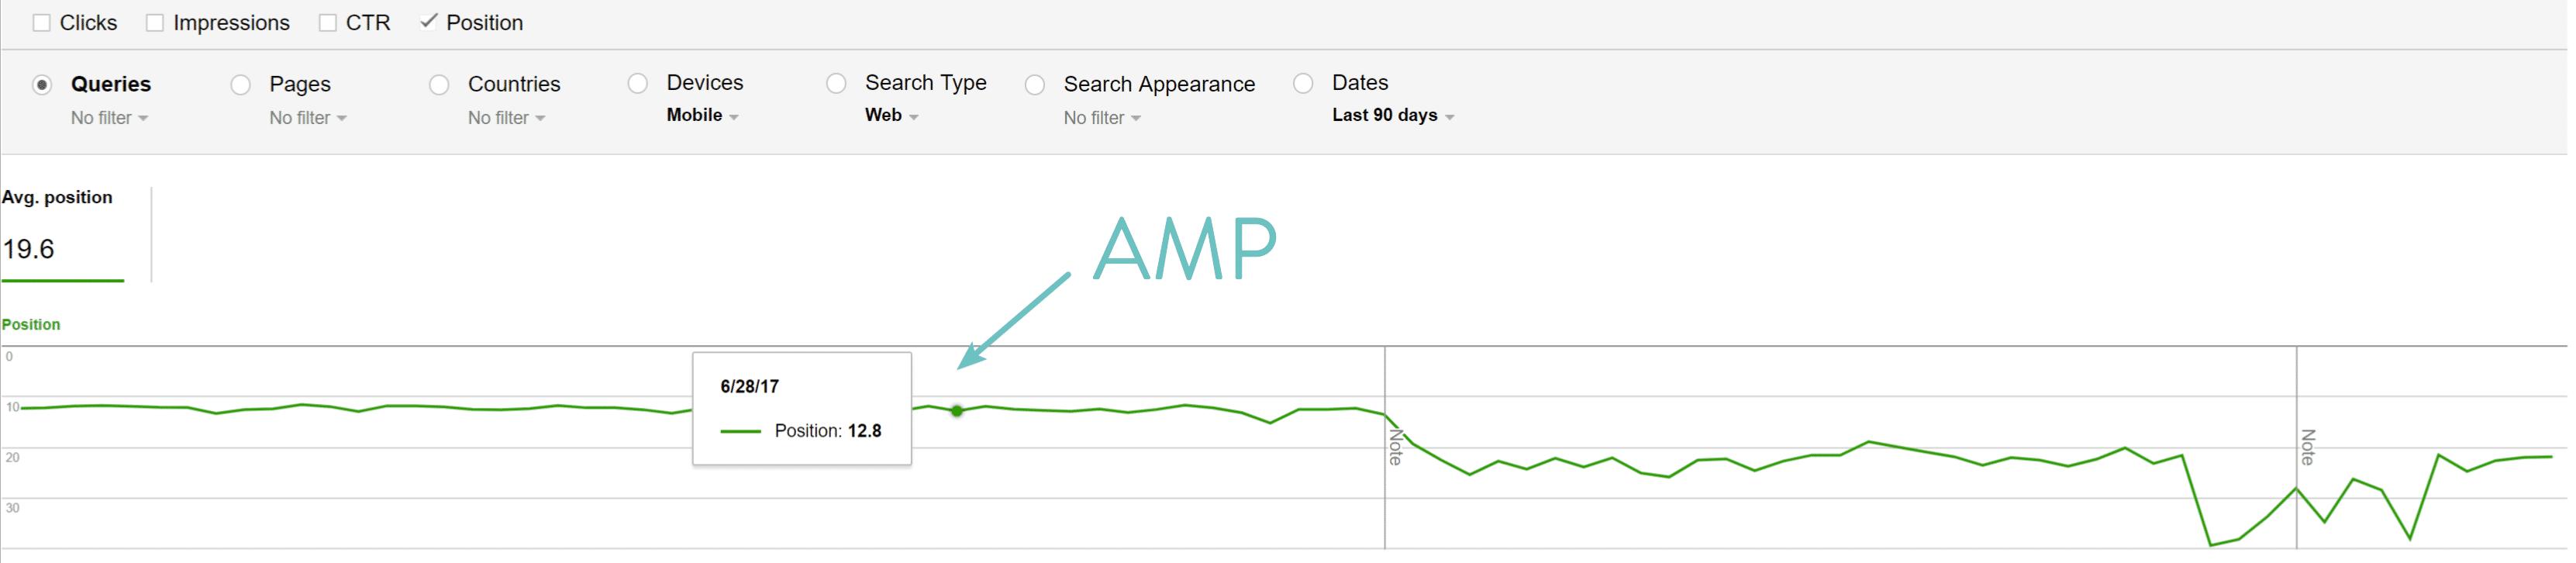 Données de positions Google AMP